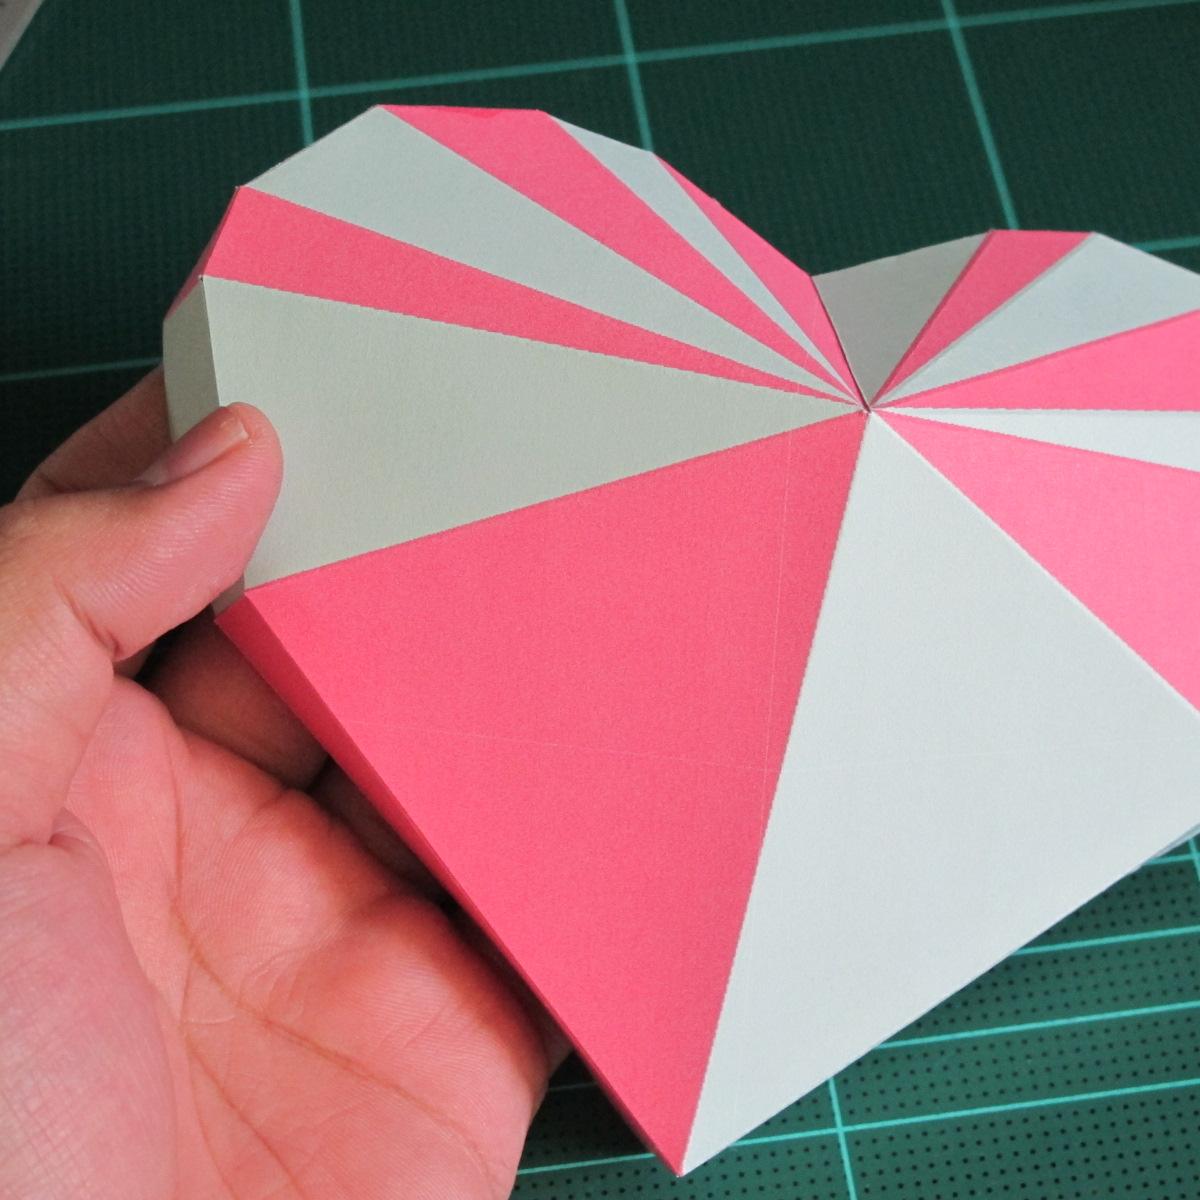 วิธีทำโมเดลกระดาษเป็นกล่องของขวัญรูปหัวใจ (Heart Box Papercraft Model) 016